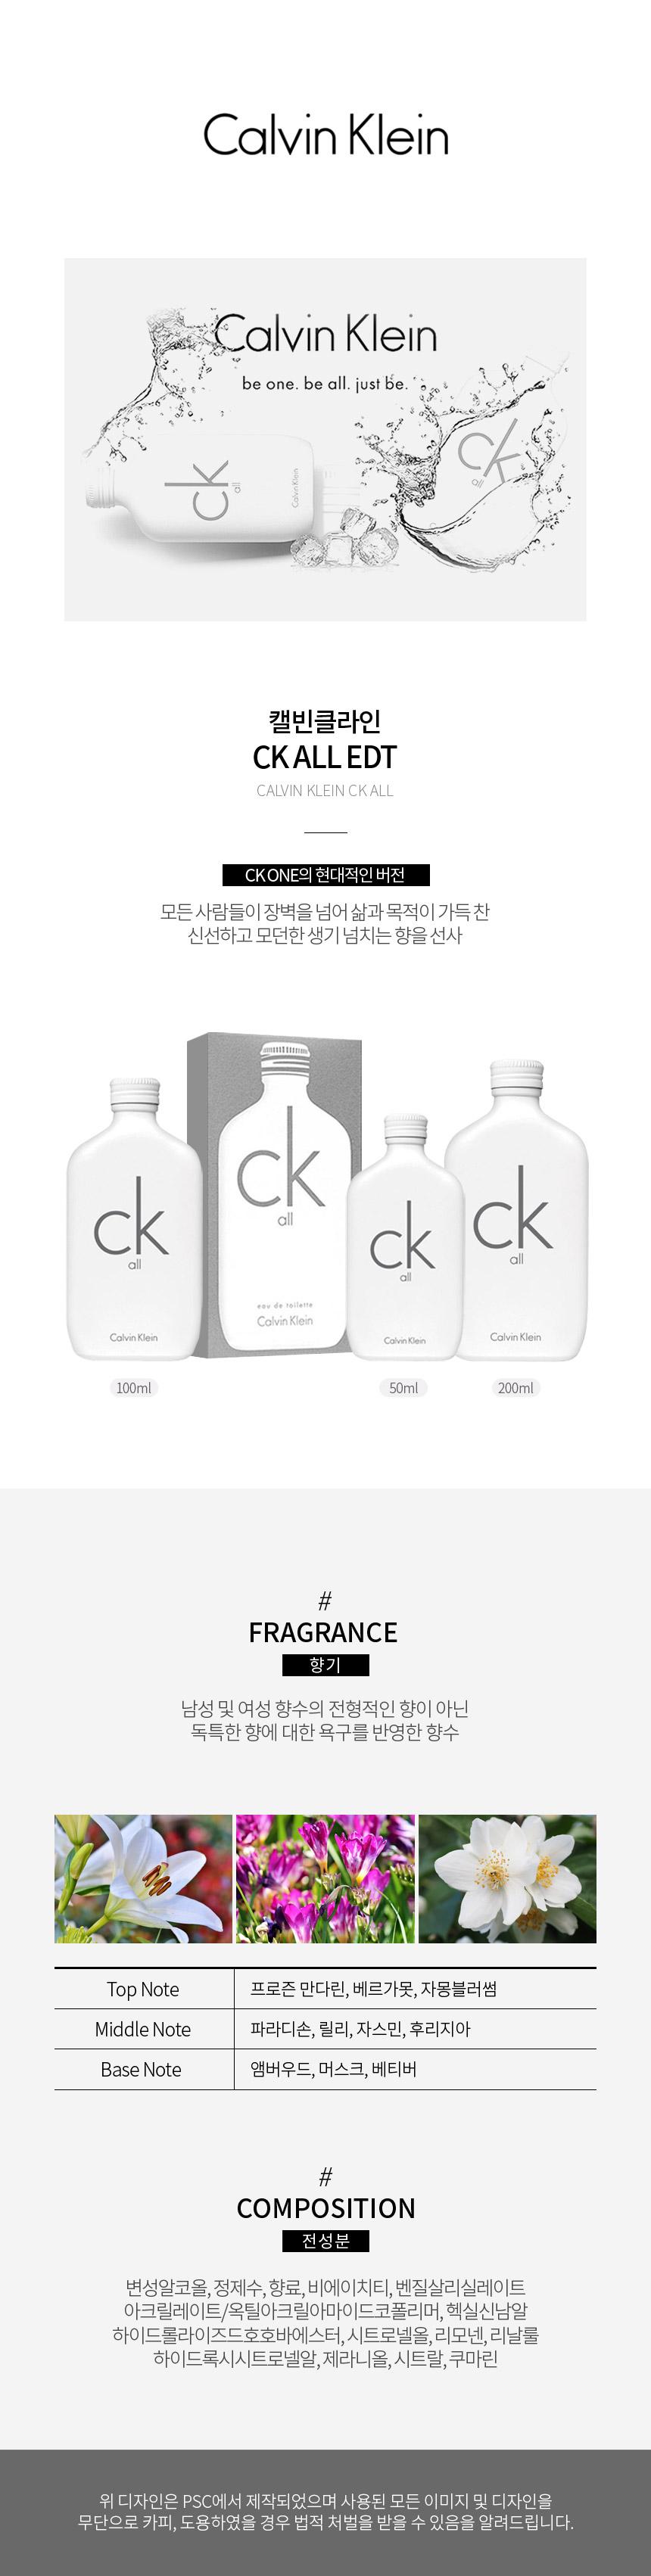 calvinklein_ckall_page.jpg